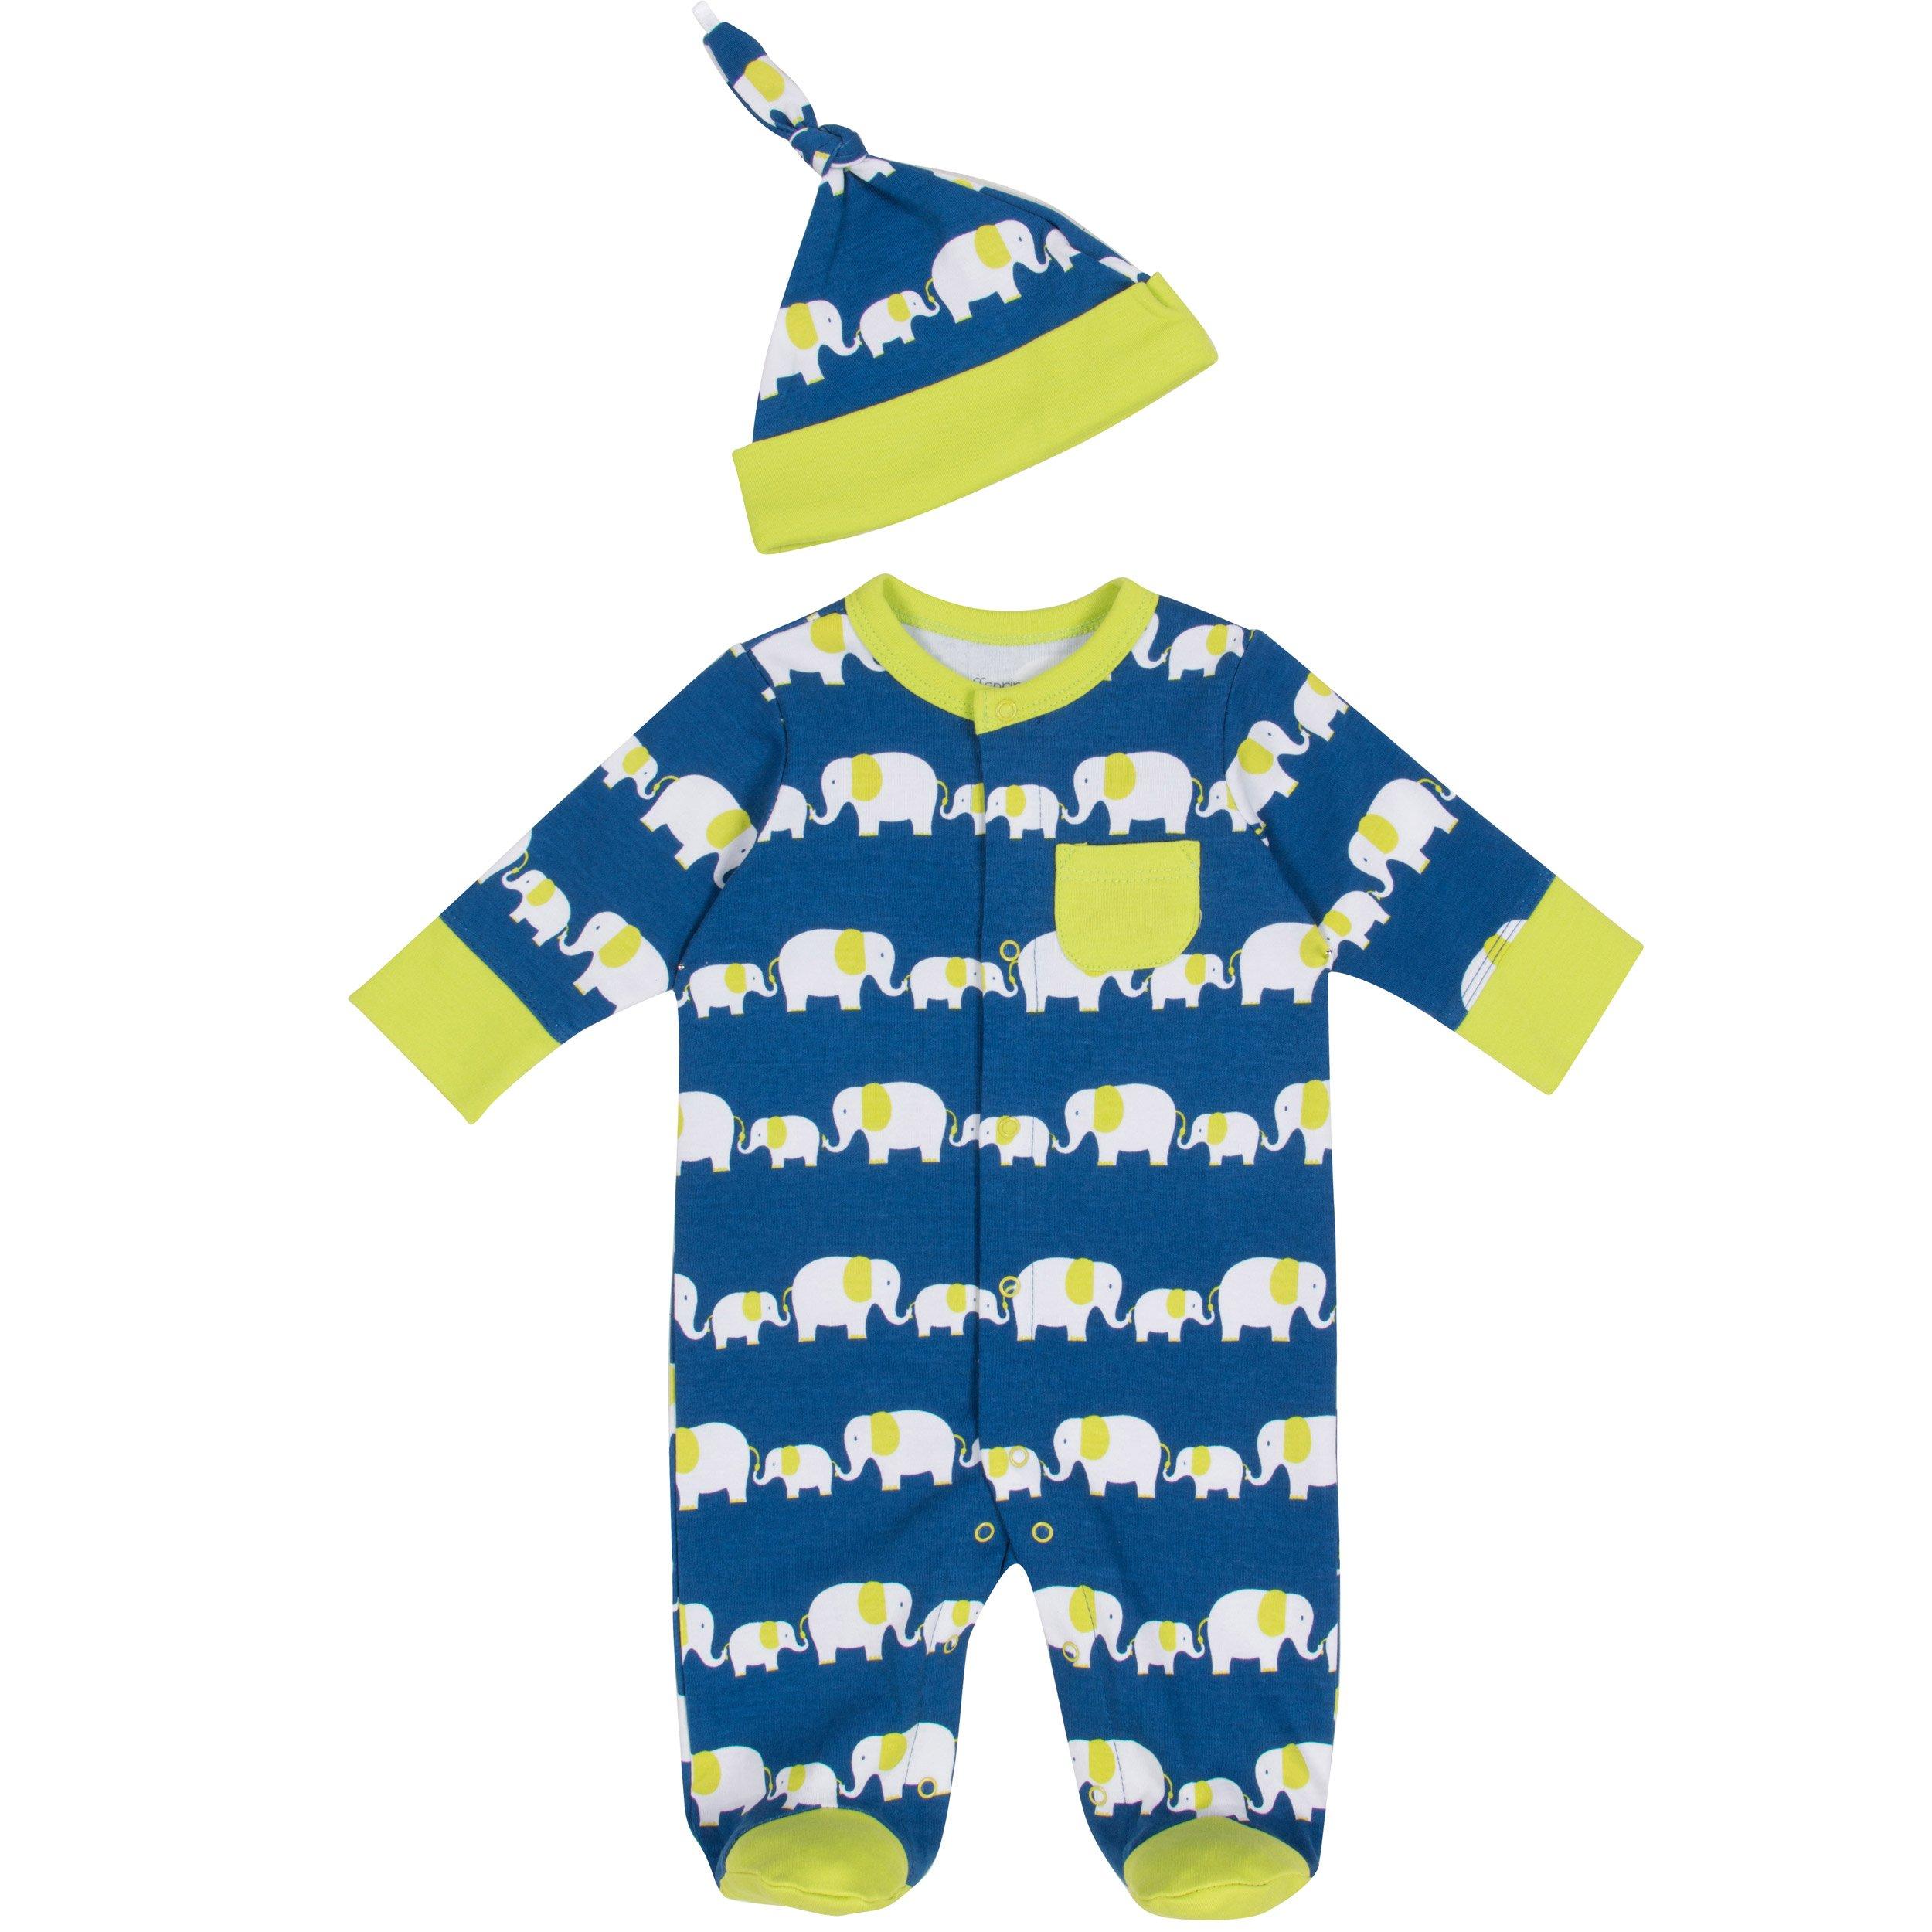 fspring Baby Boy Footie 0 9 mos Elephant